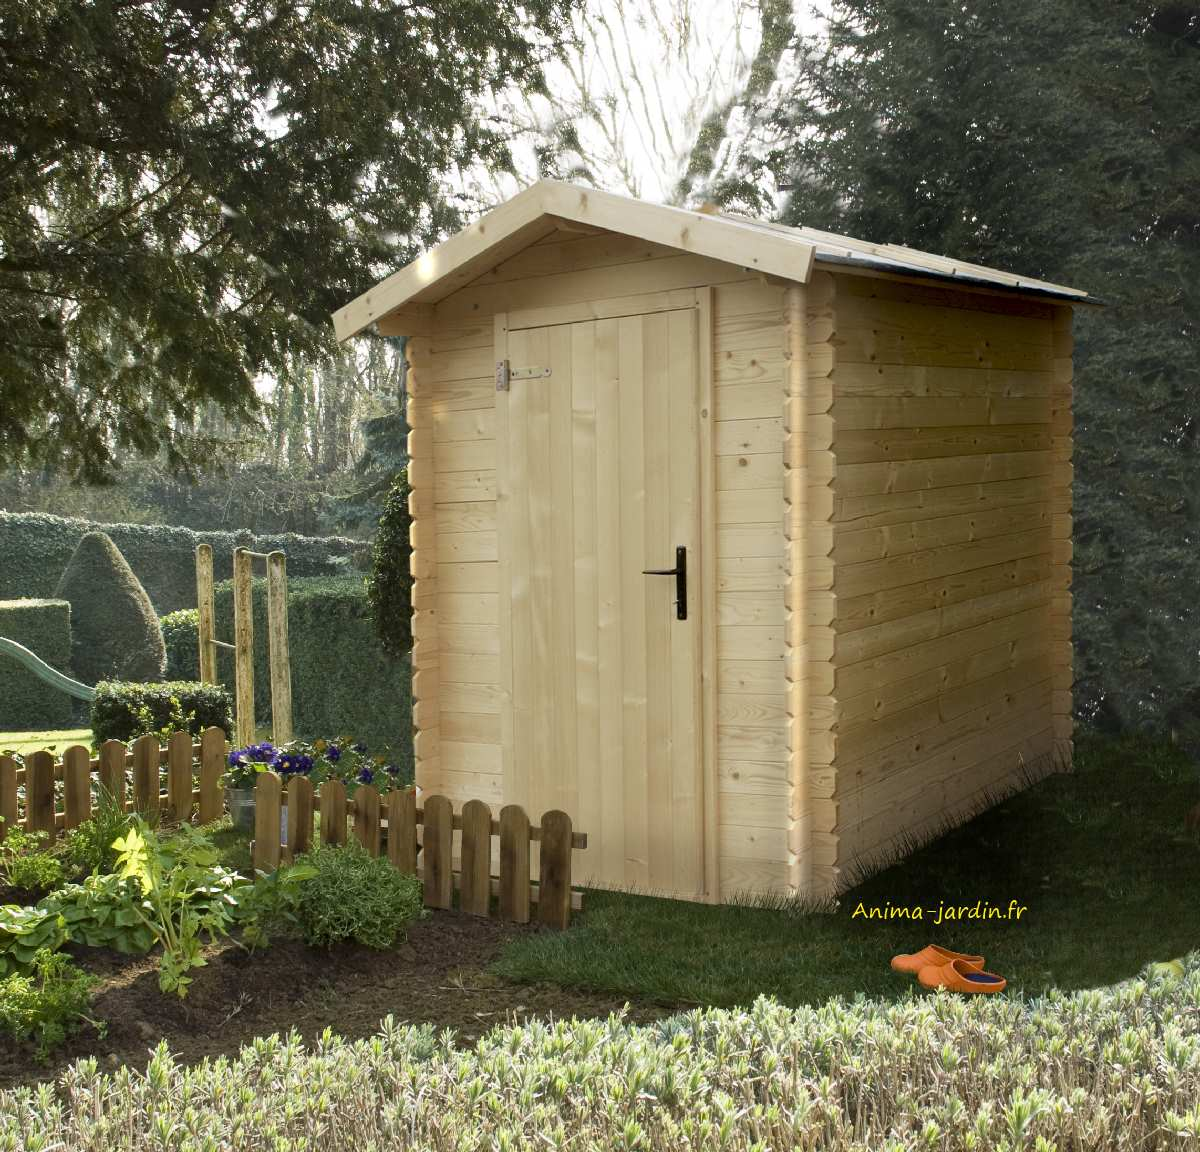 Cabanon De Jardin Pas Cher petit abri jardin, 19mm, bex, 2.43m², pas cher, vélo